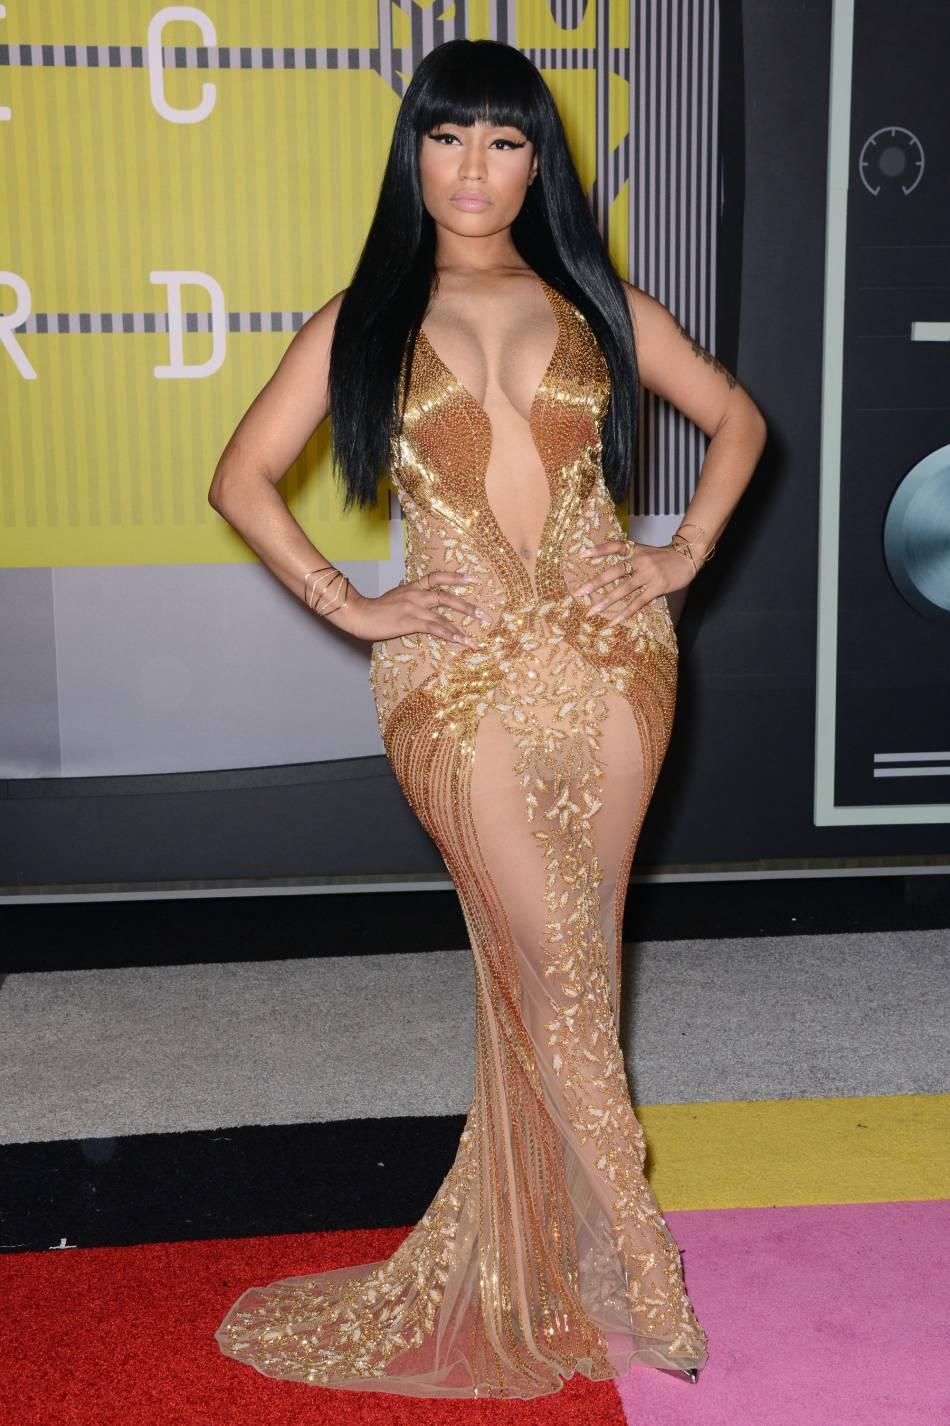 Nicki Minaj montre sa cambrure de folie et ses fesses bombées sur Instagram.